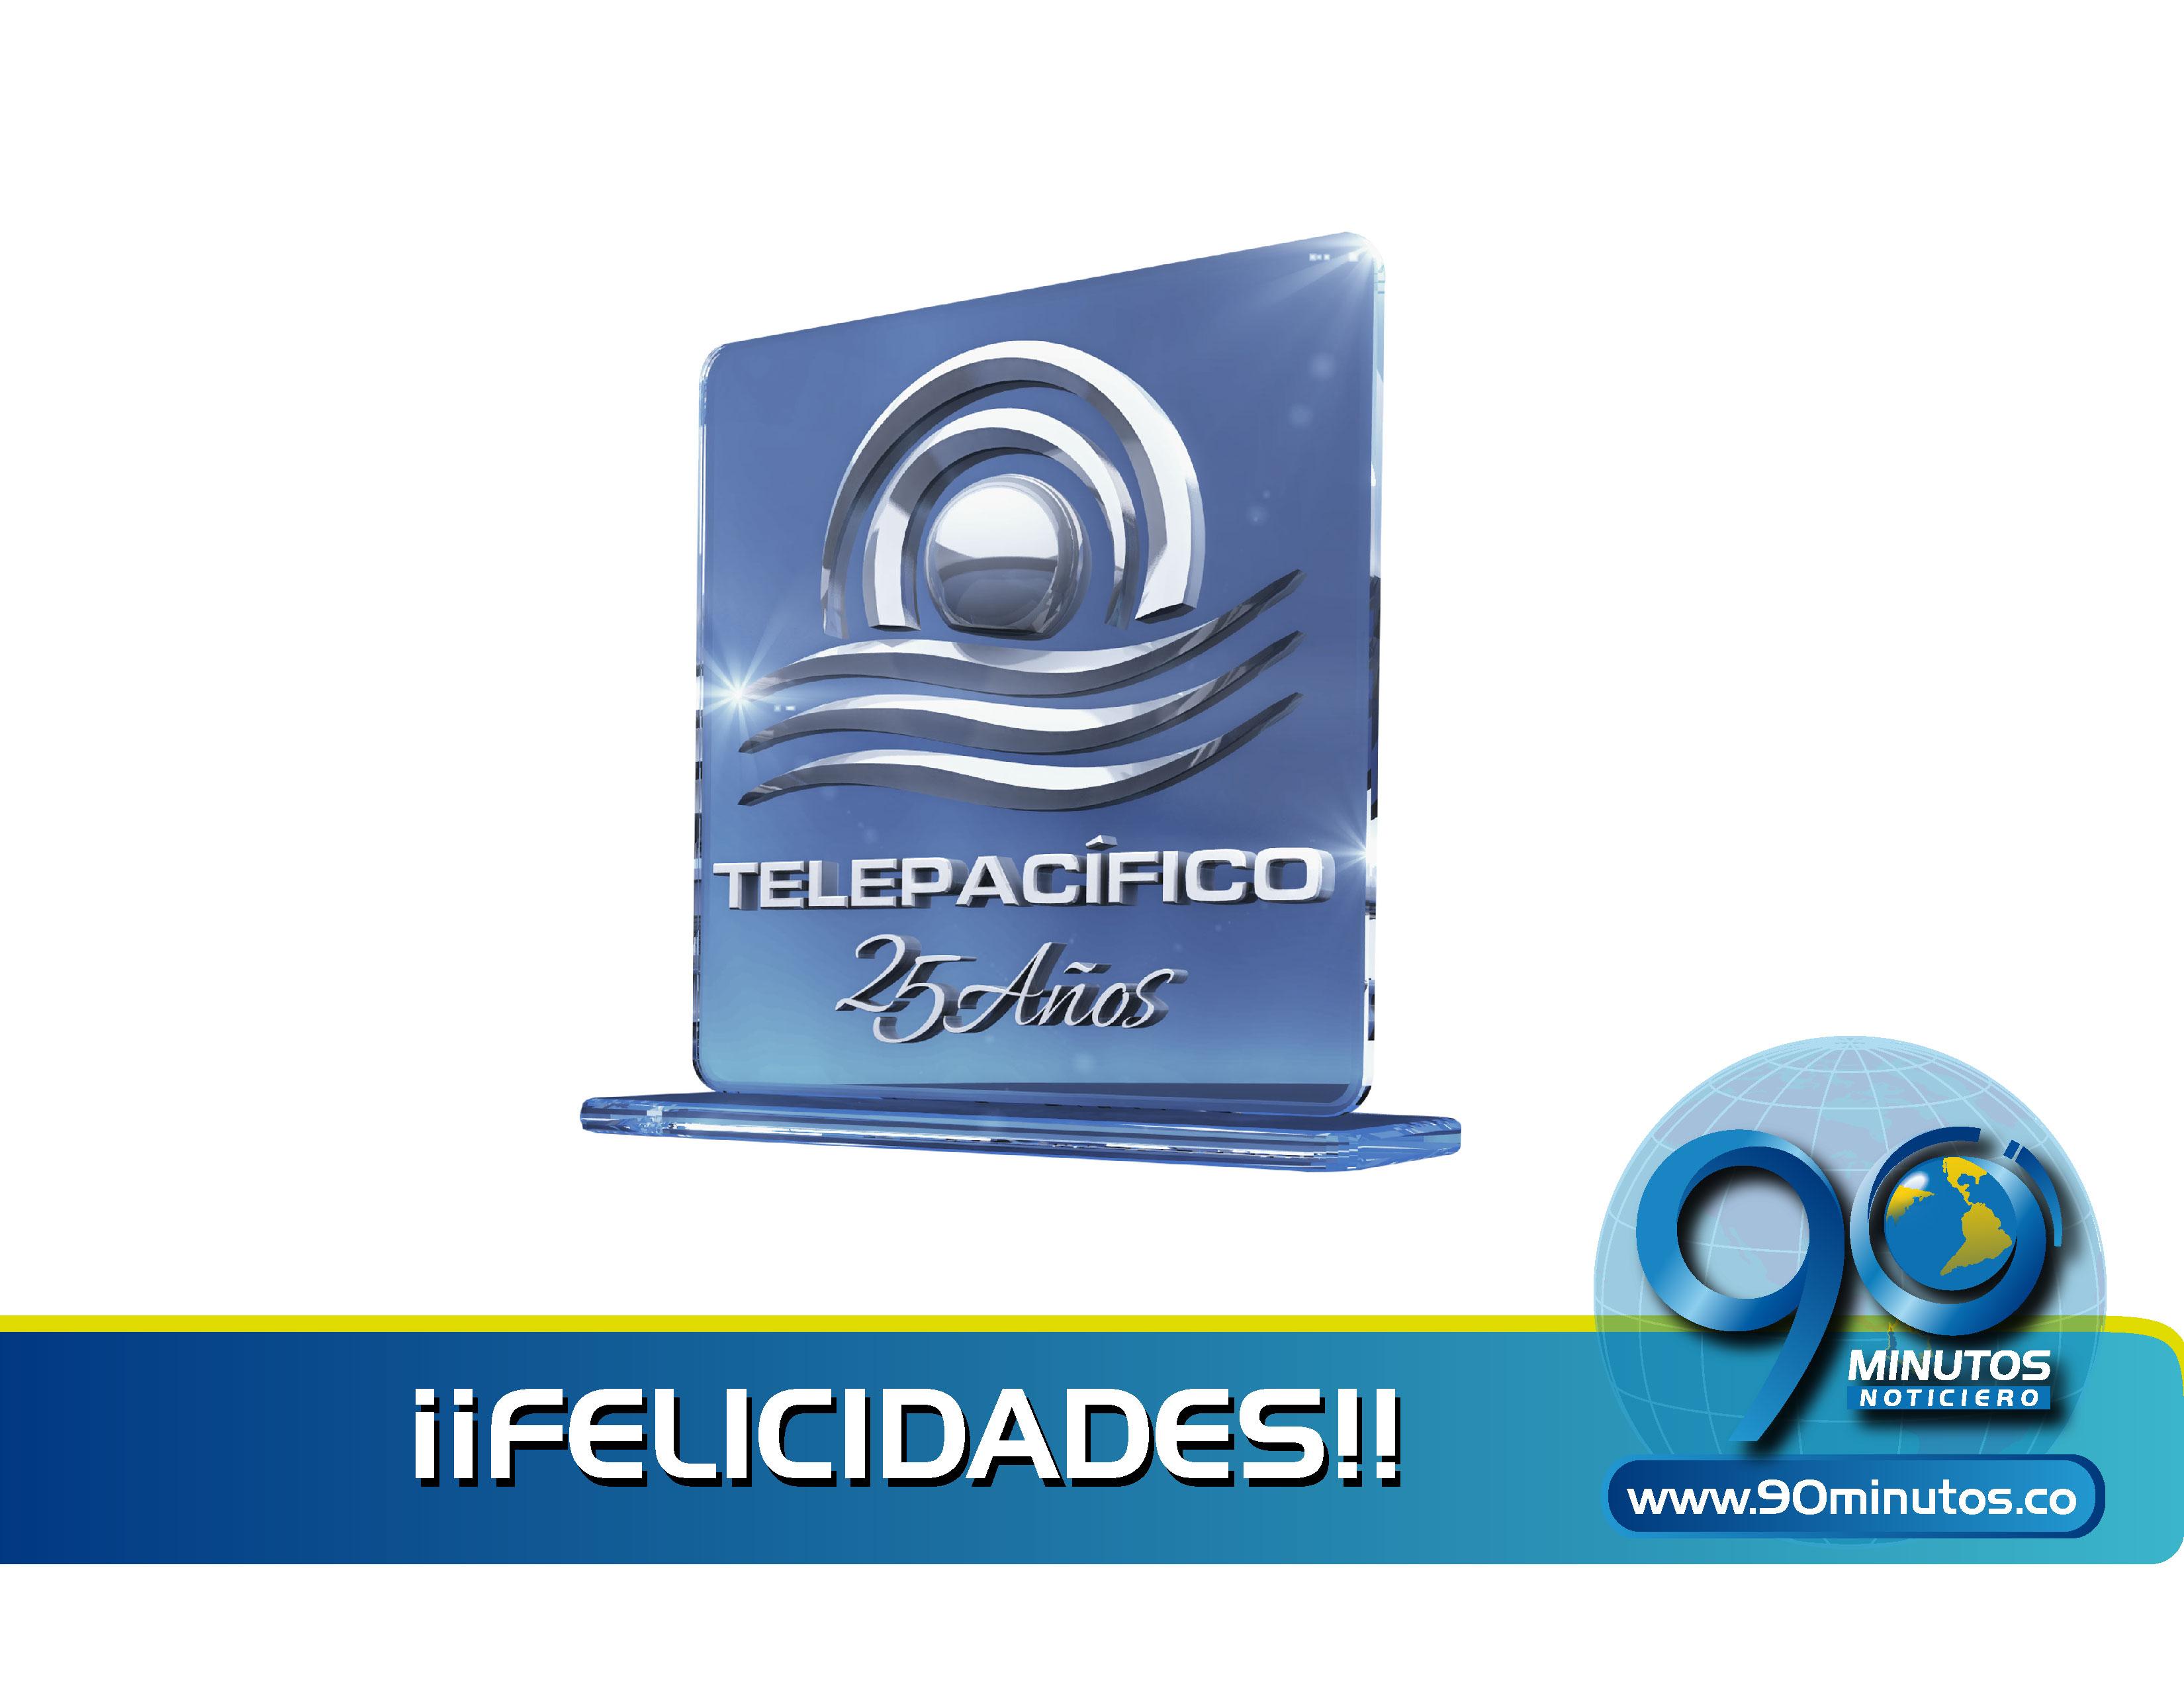 Telepacífico: un cuarto de siglo de transmisiones especiales